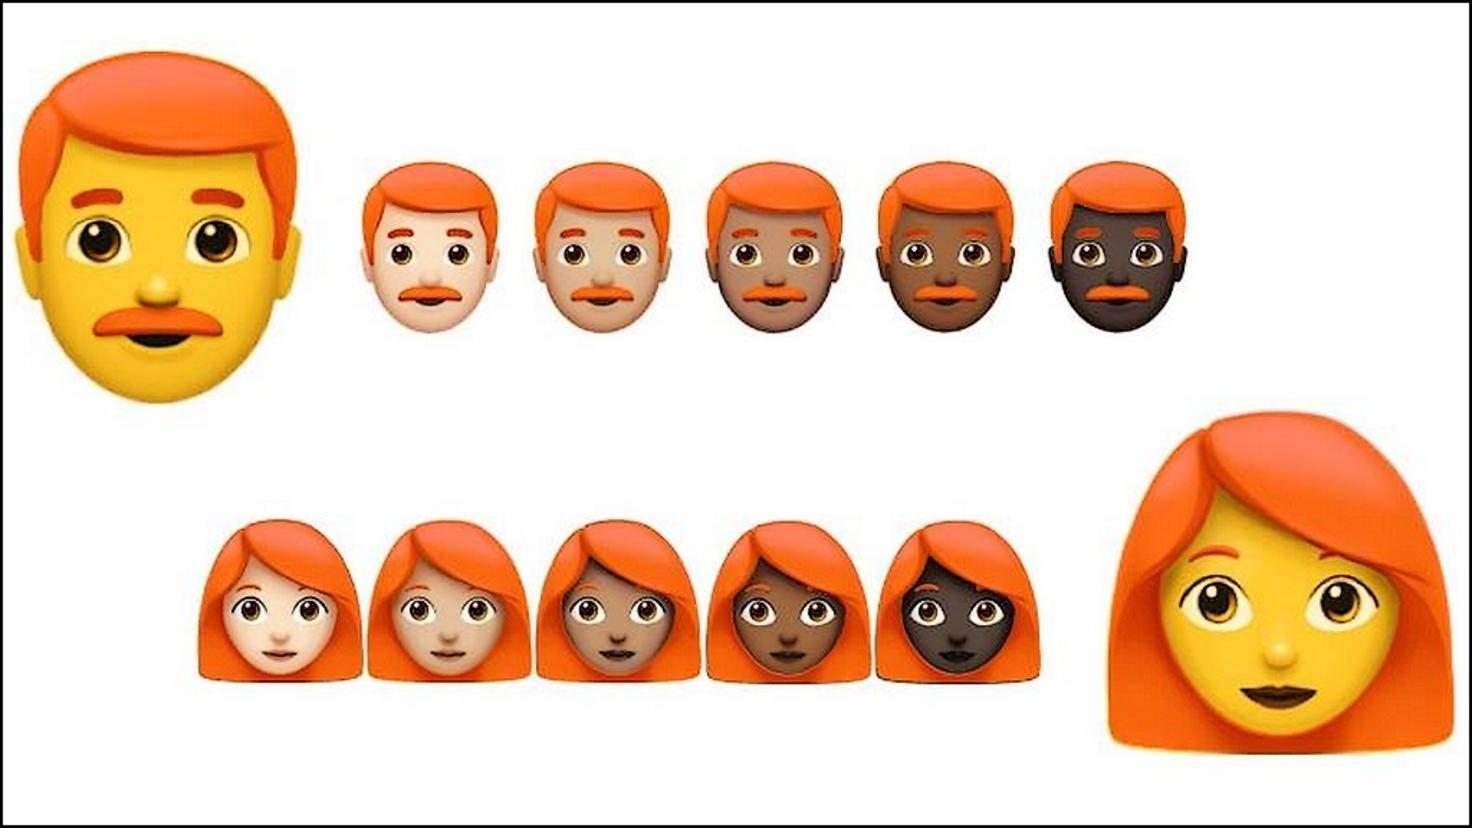 Rothaarige Emojis